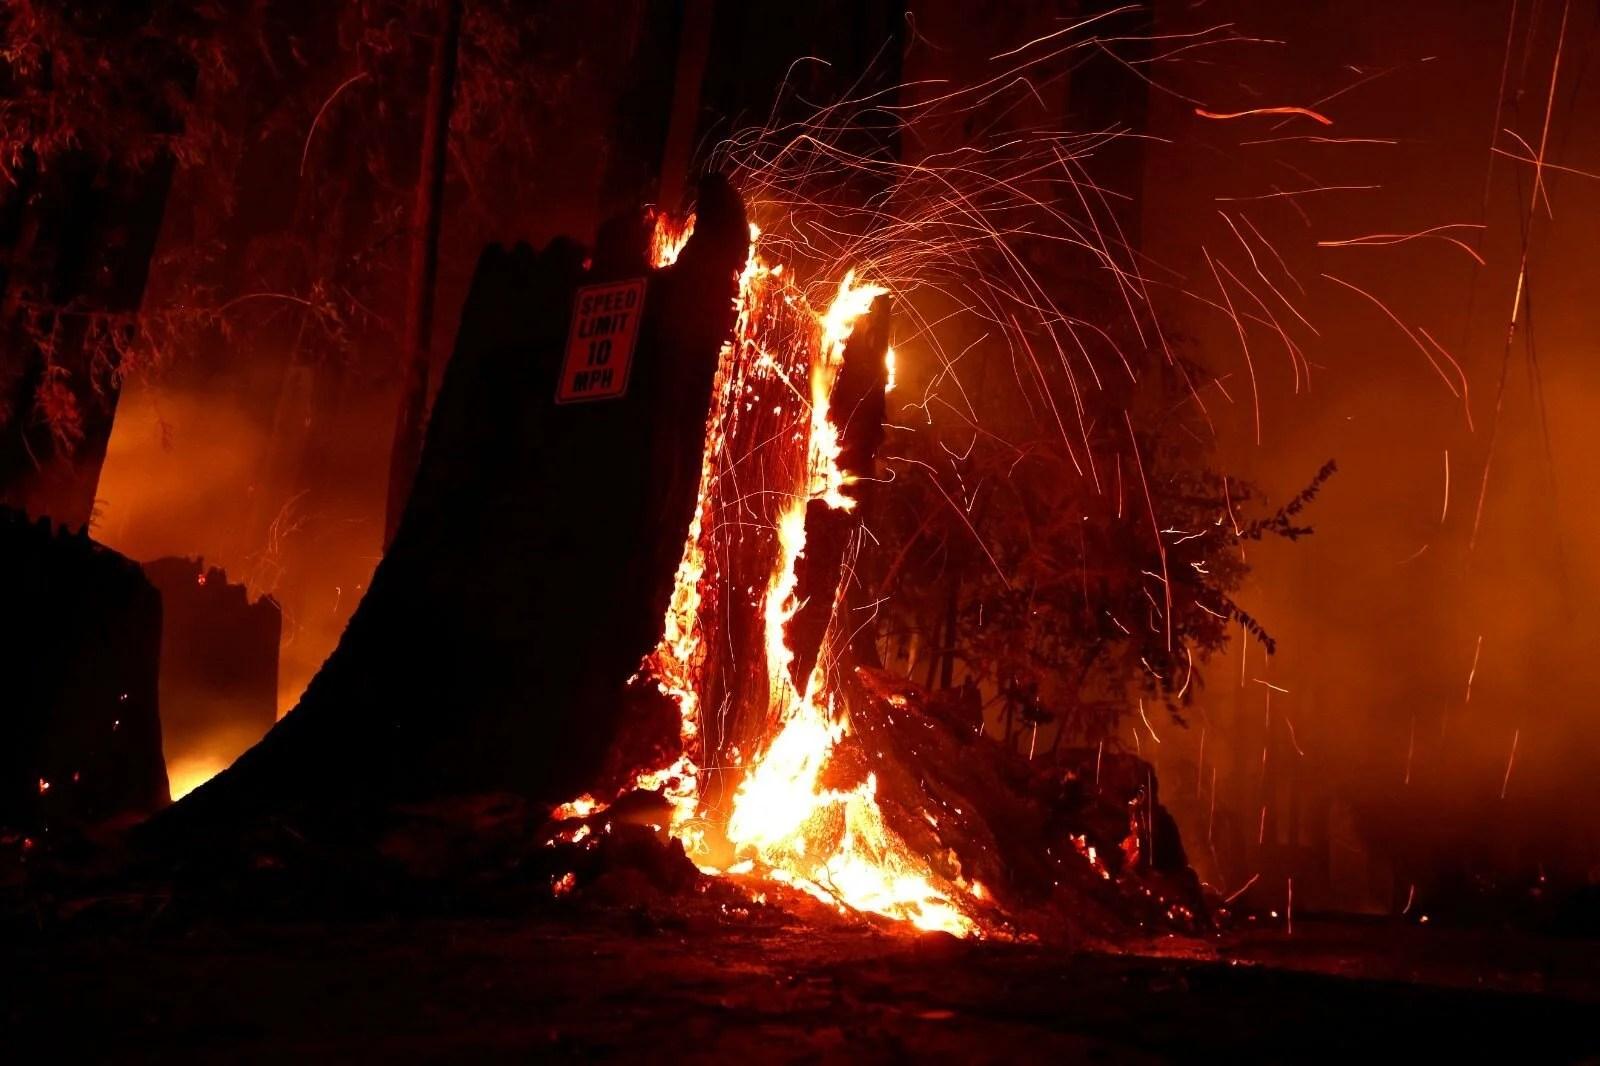 California'da 8 bin kilometrekare alan yandı, rekor kırıldı - 5